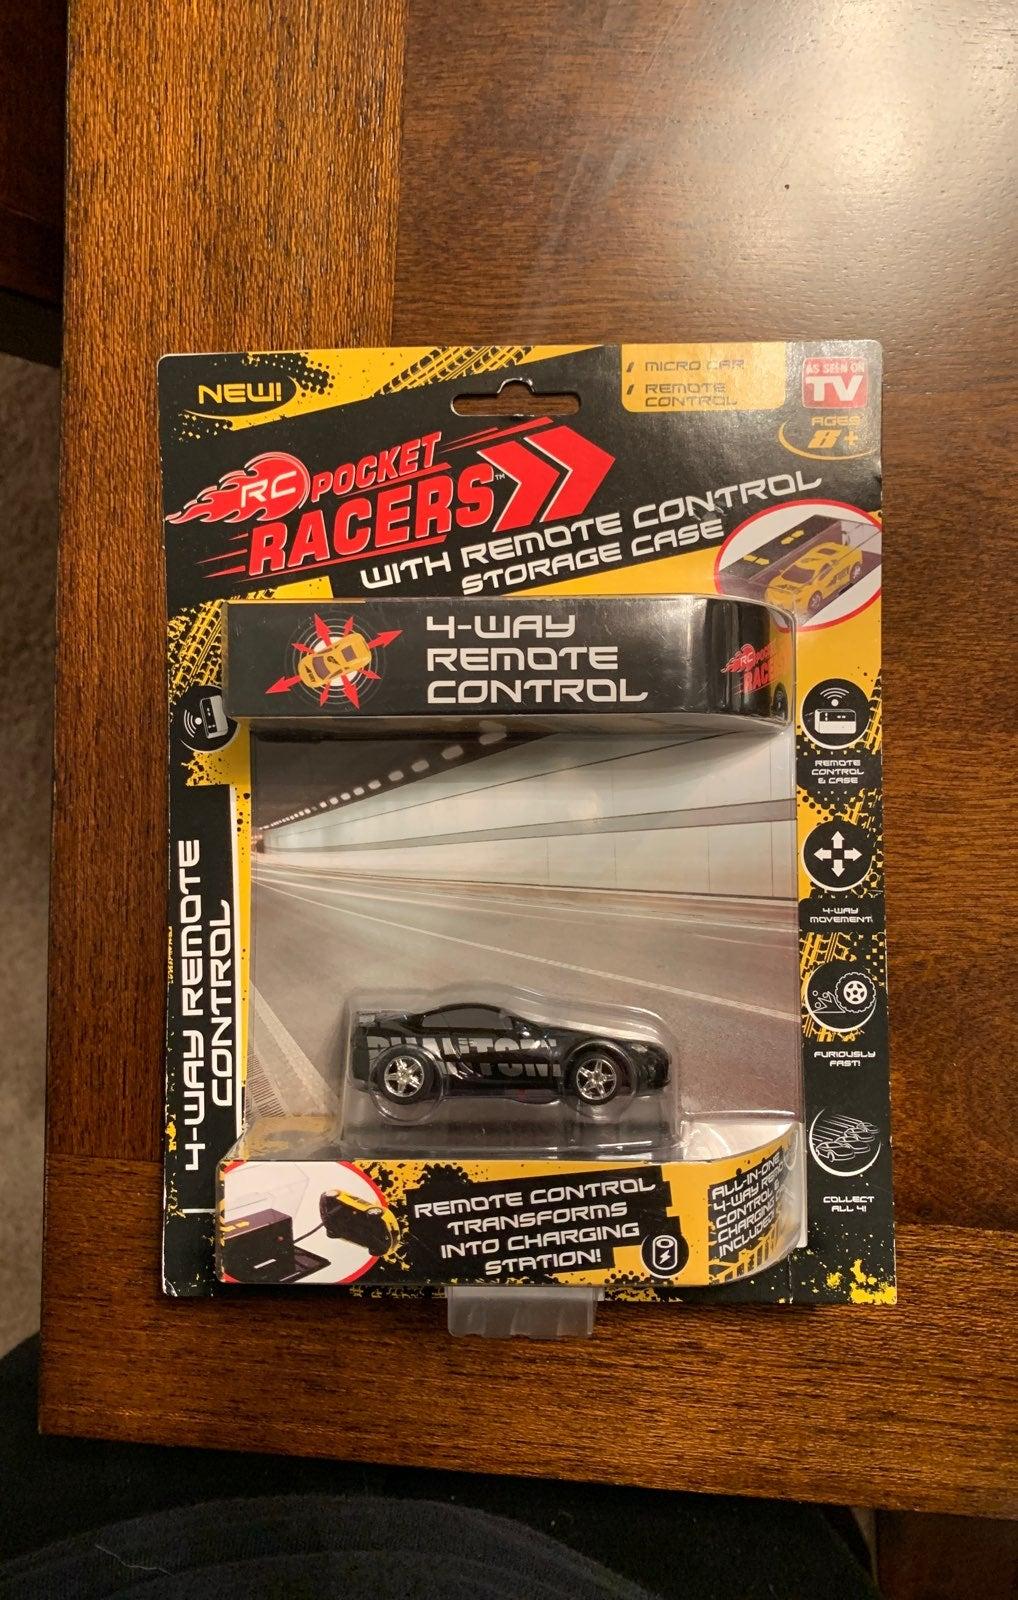 RC Pocket Racer